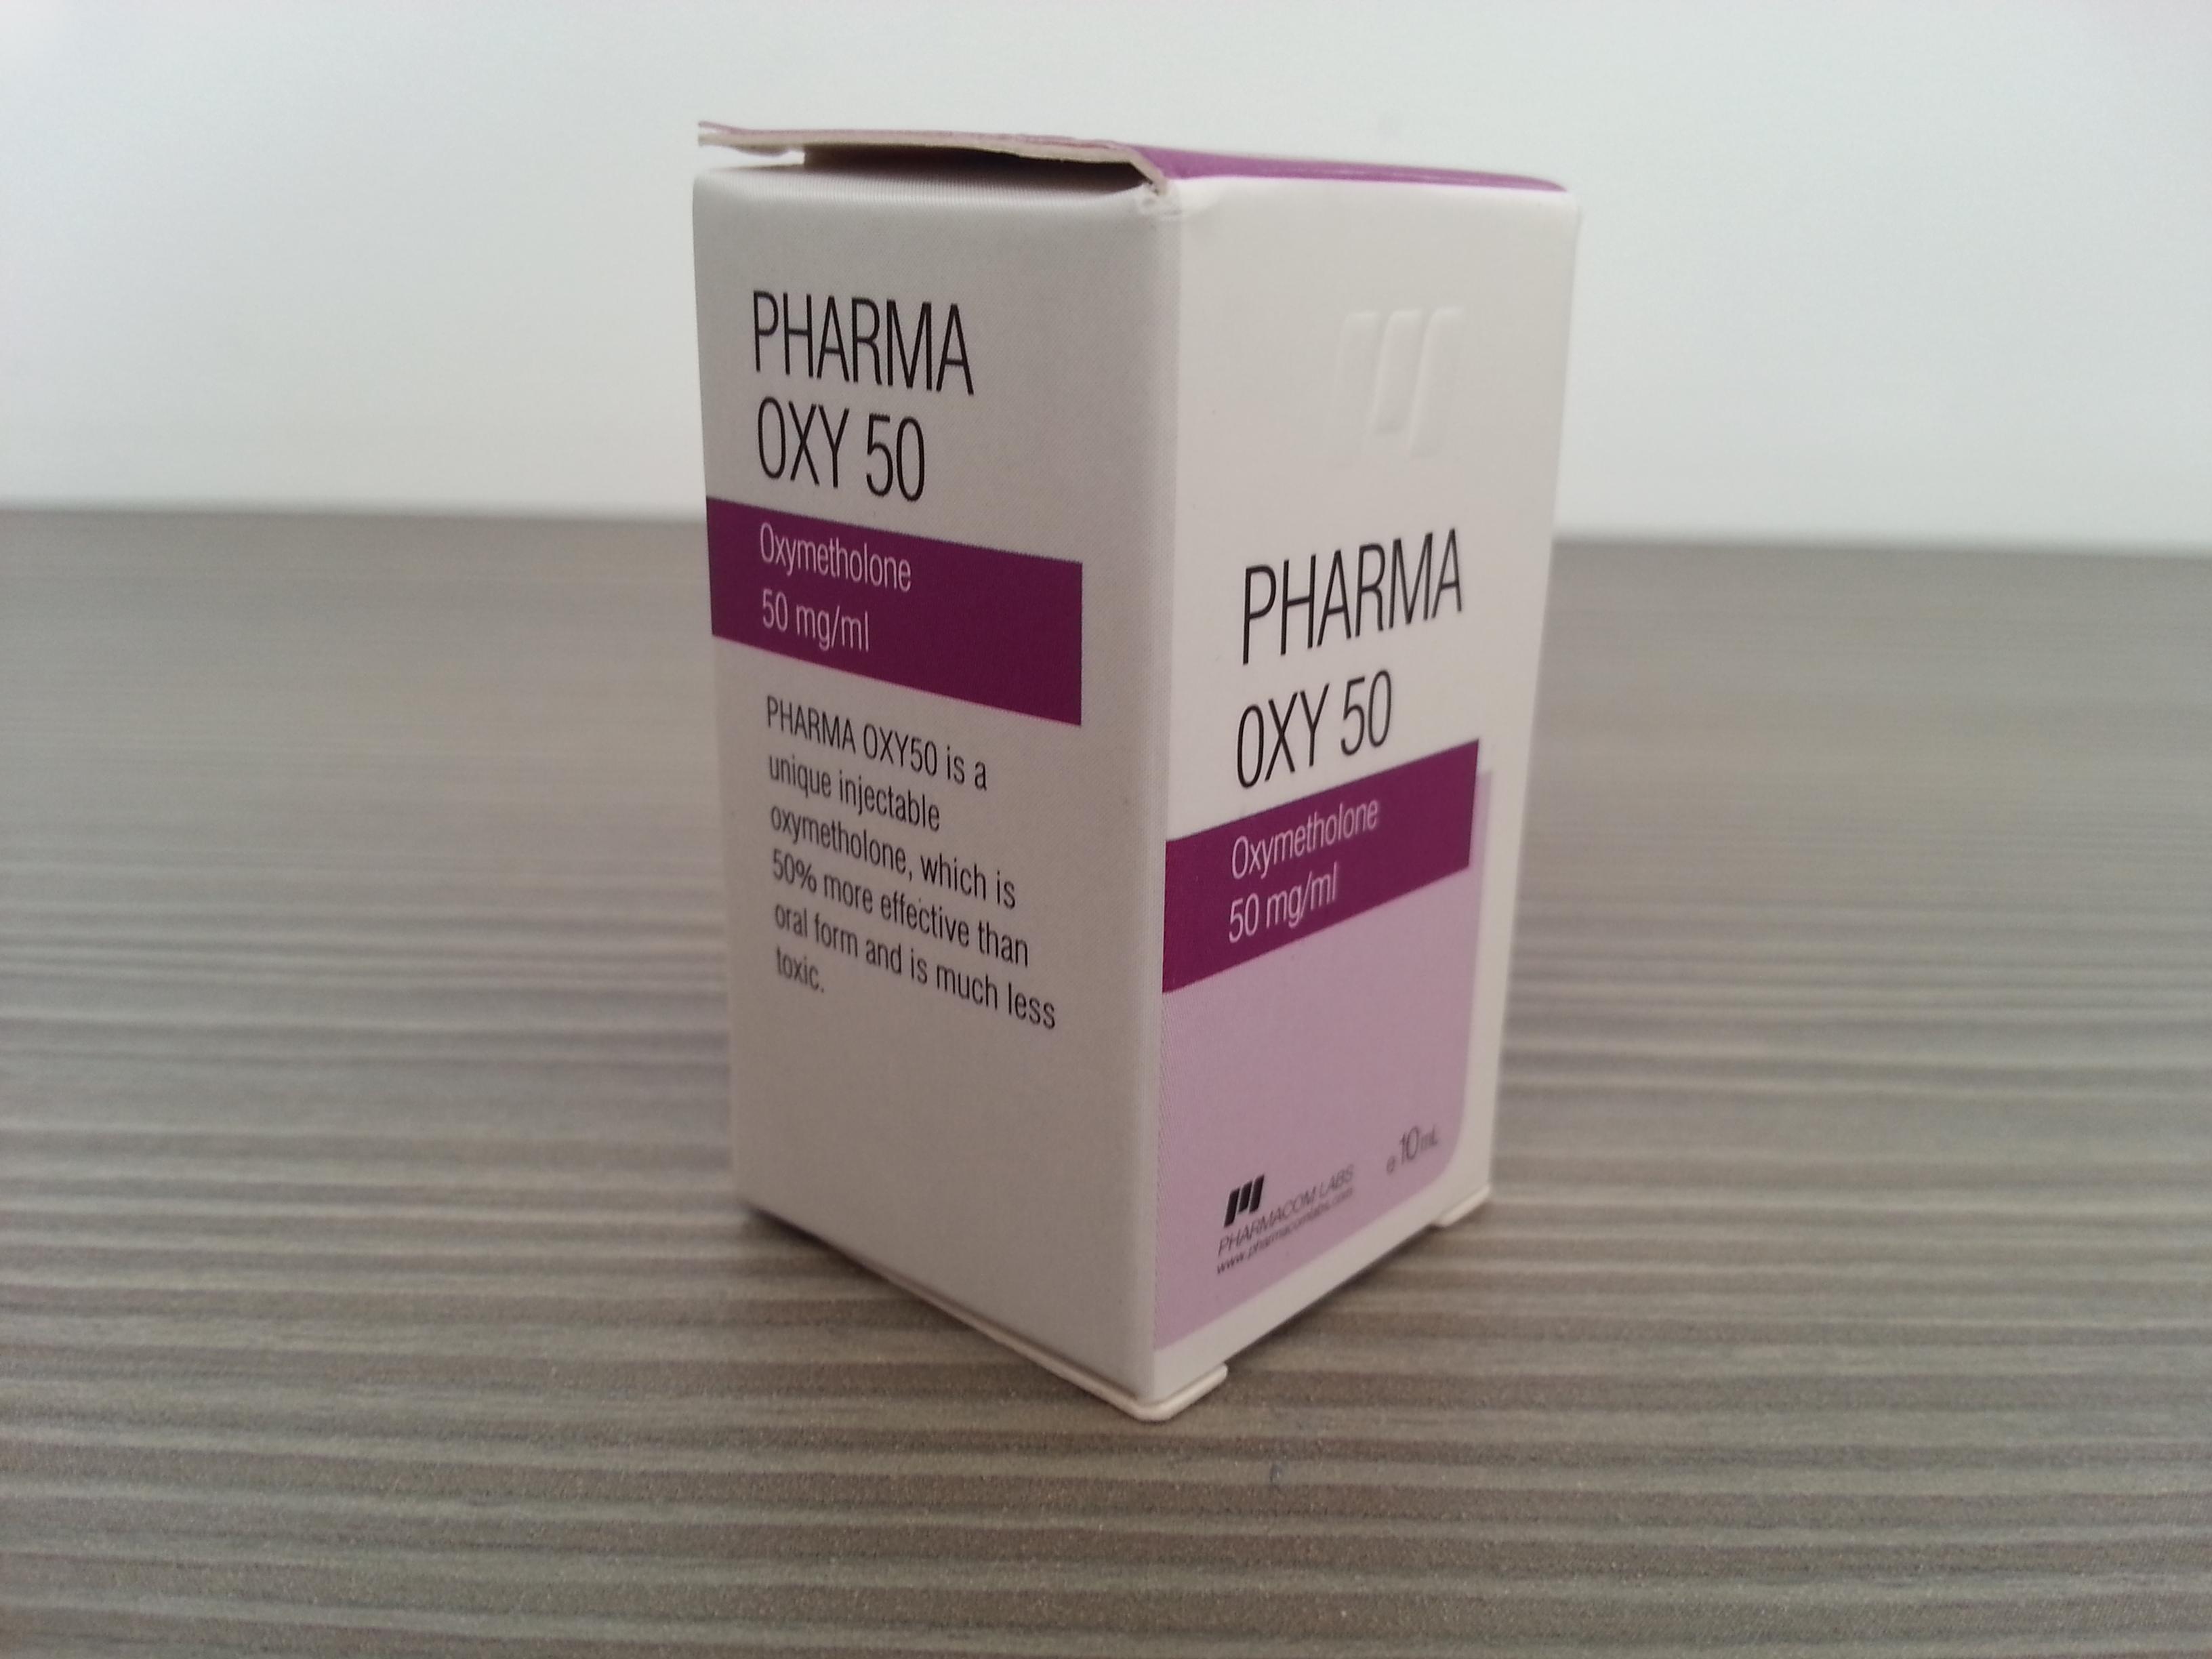 Pharmacom Labs PHARMA Oxy 50 Lab Test Results - Anabolic Lab